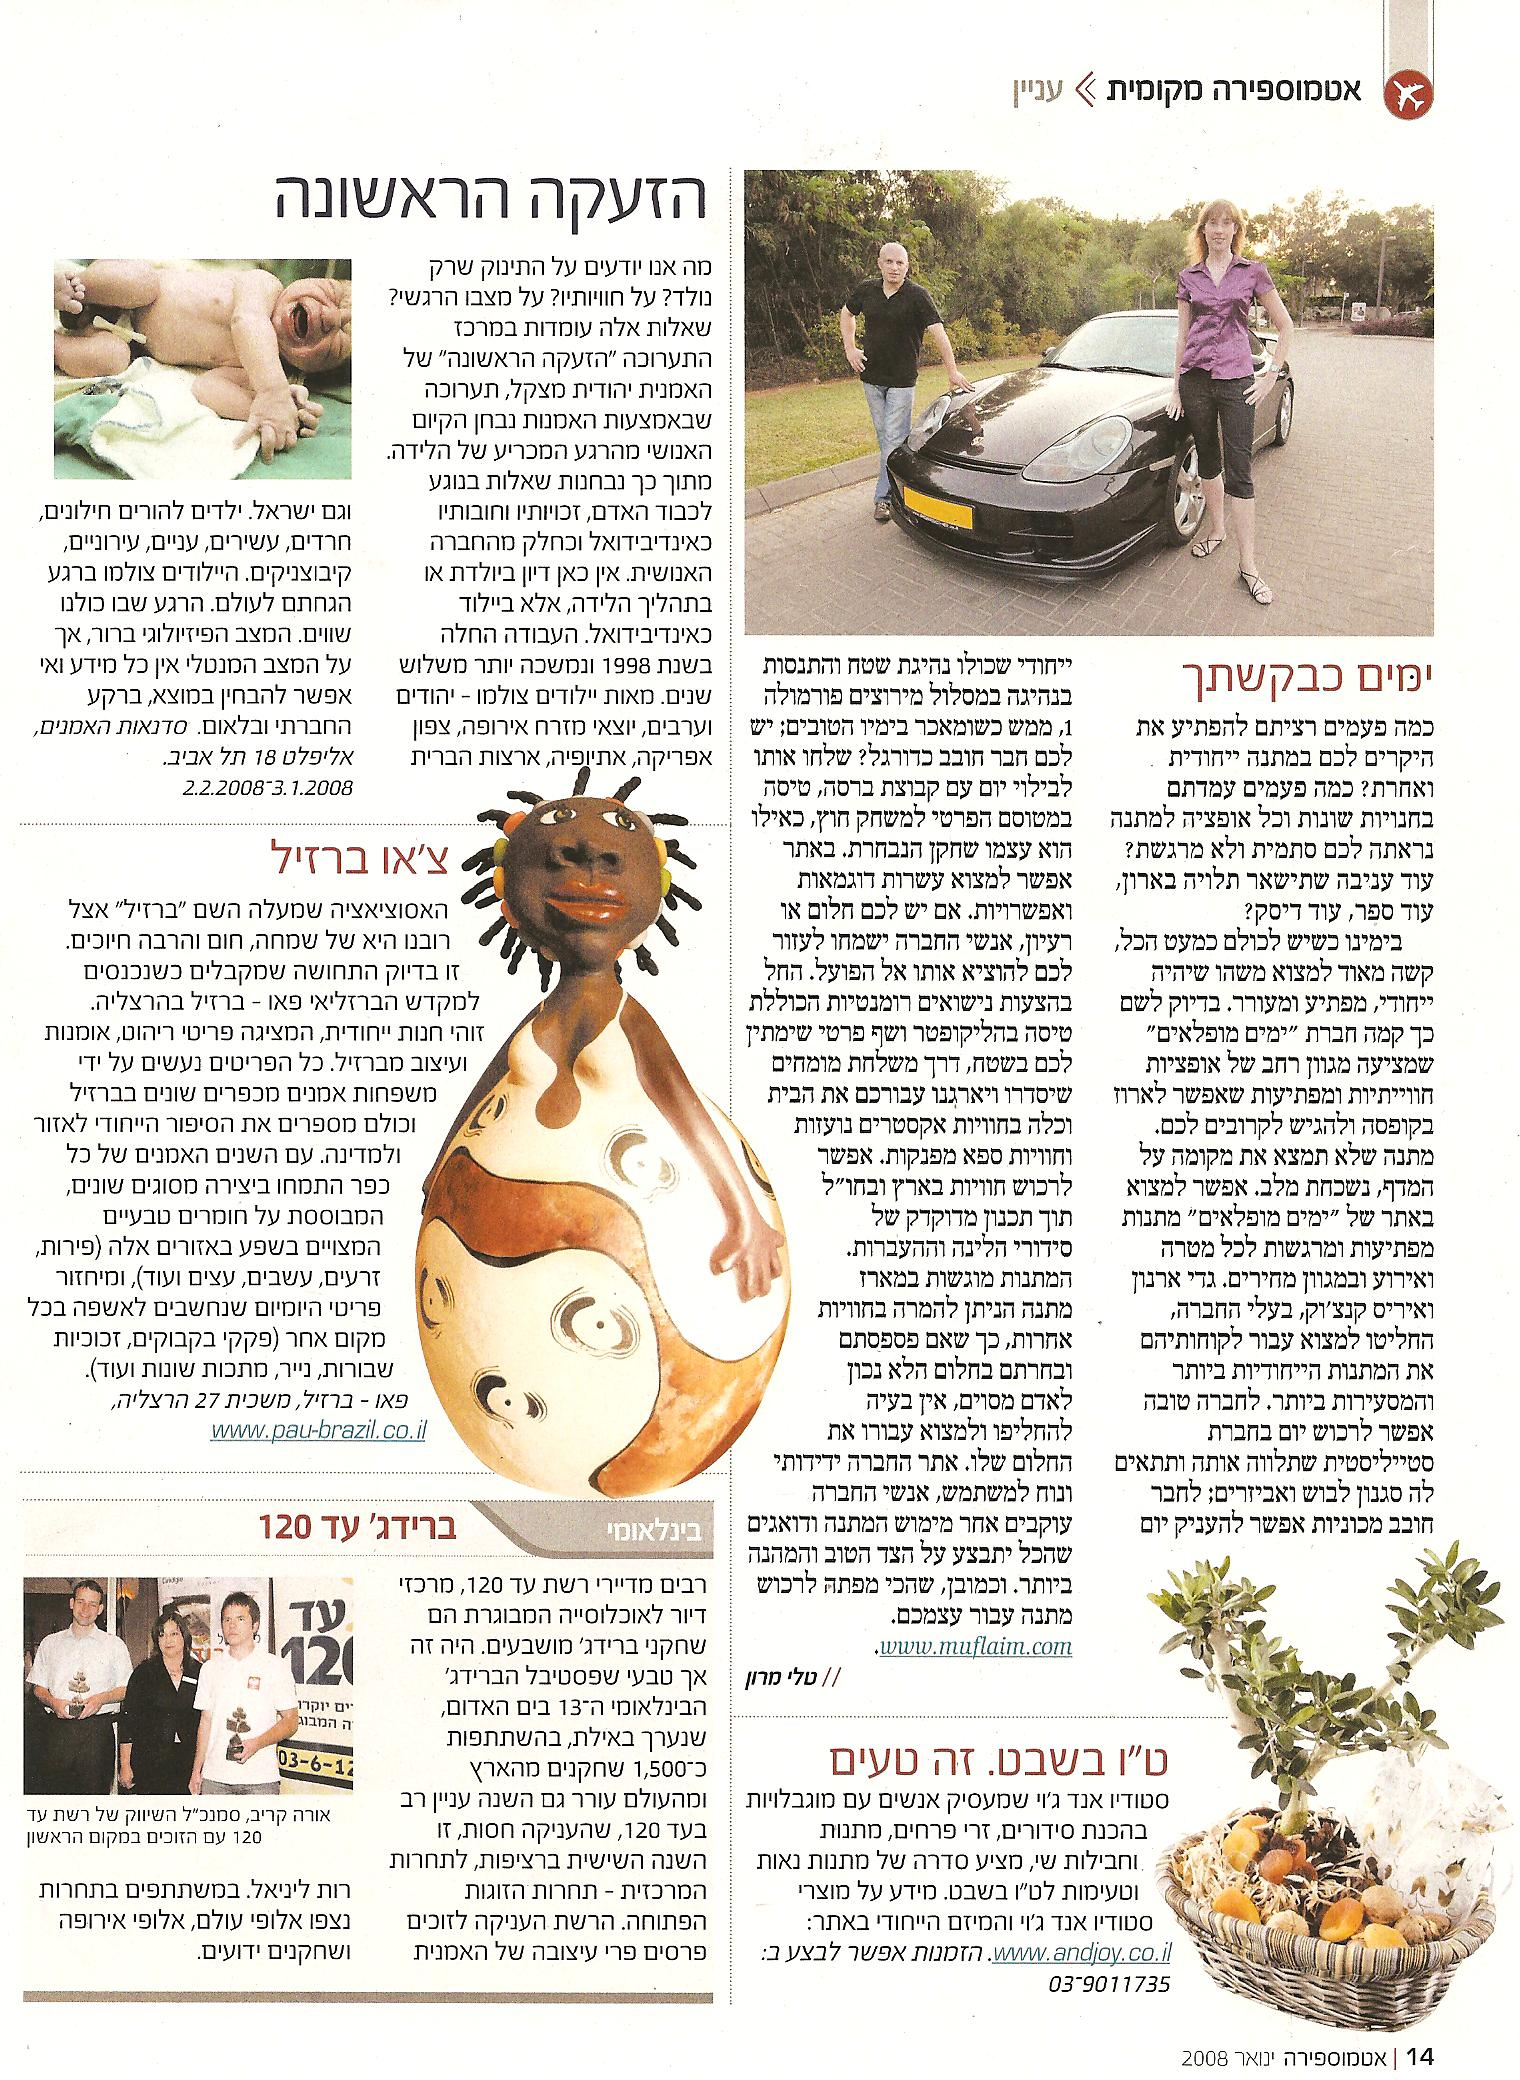 מגזין אטמוספירה - נשמה ברזילאית - עמוד 1